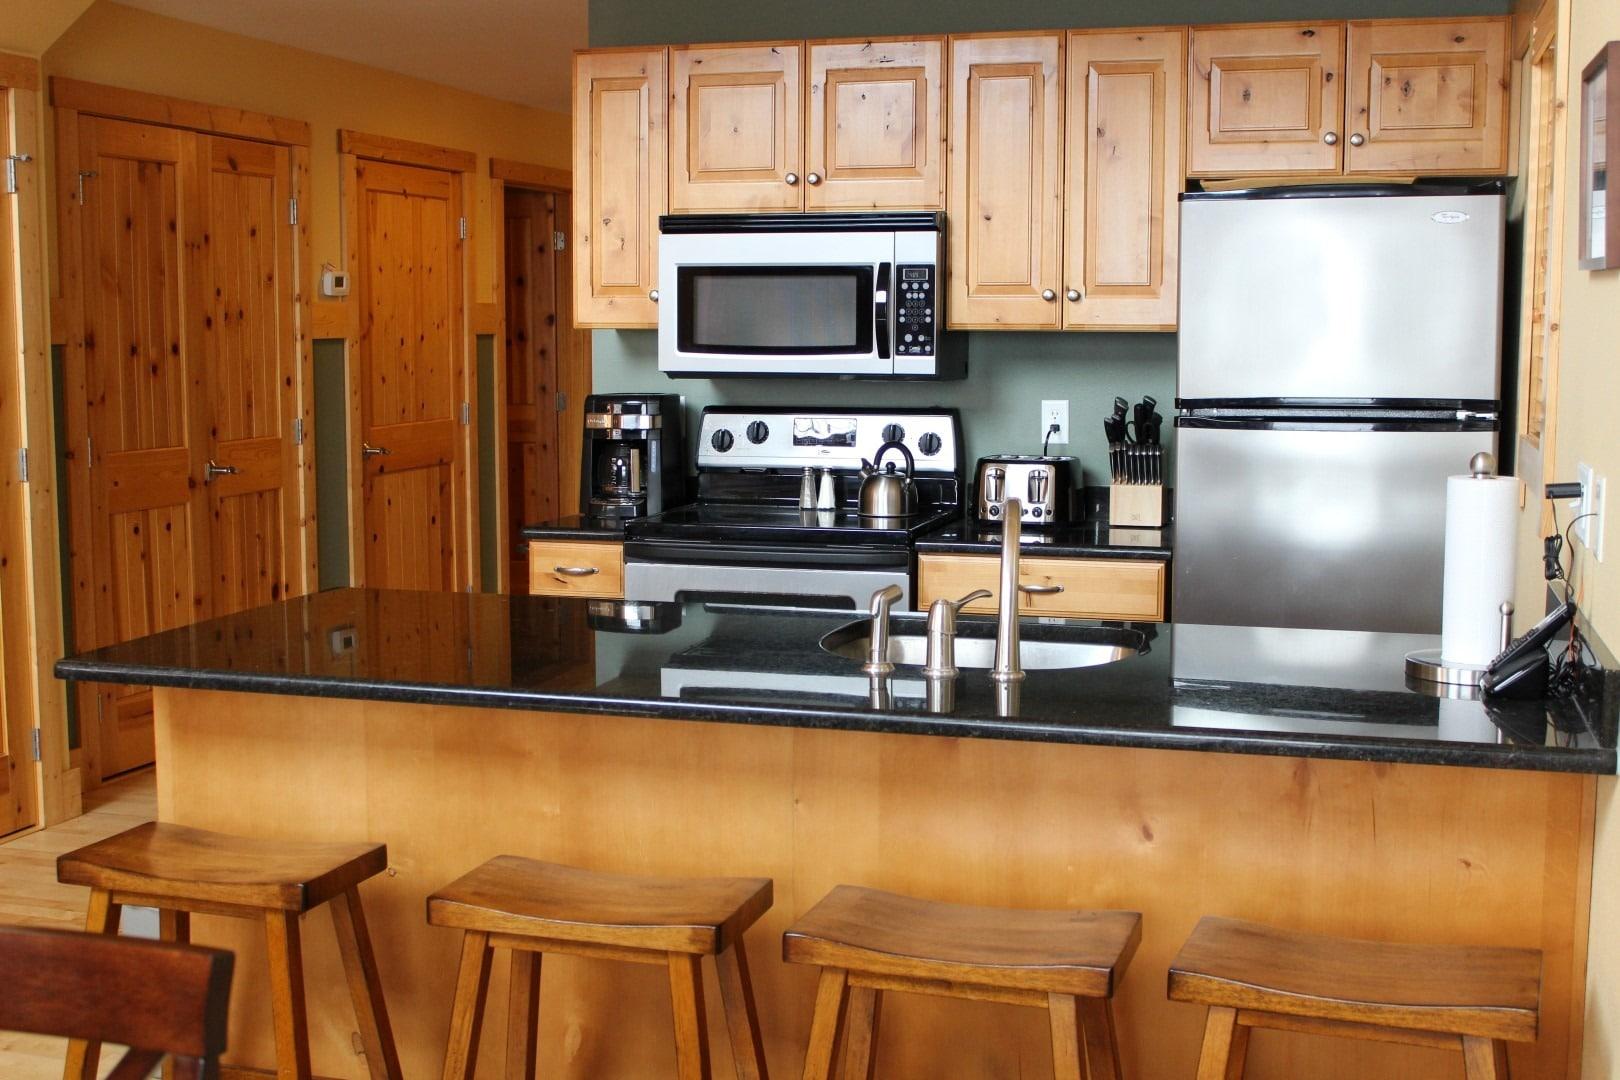 524 Kitchen